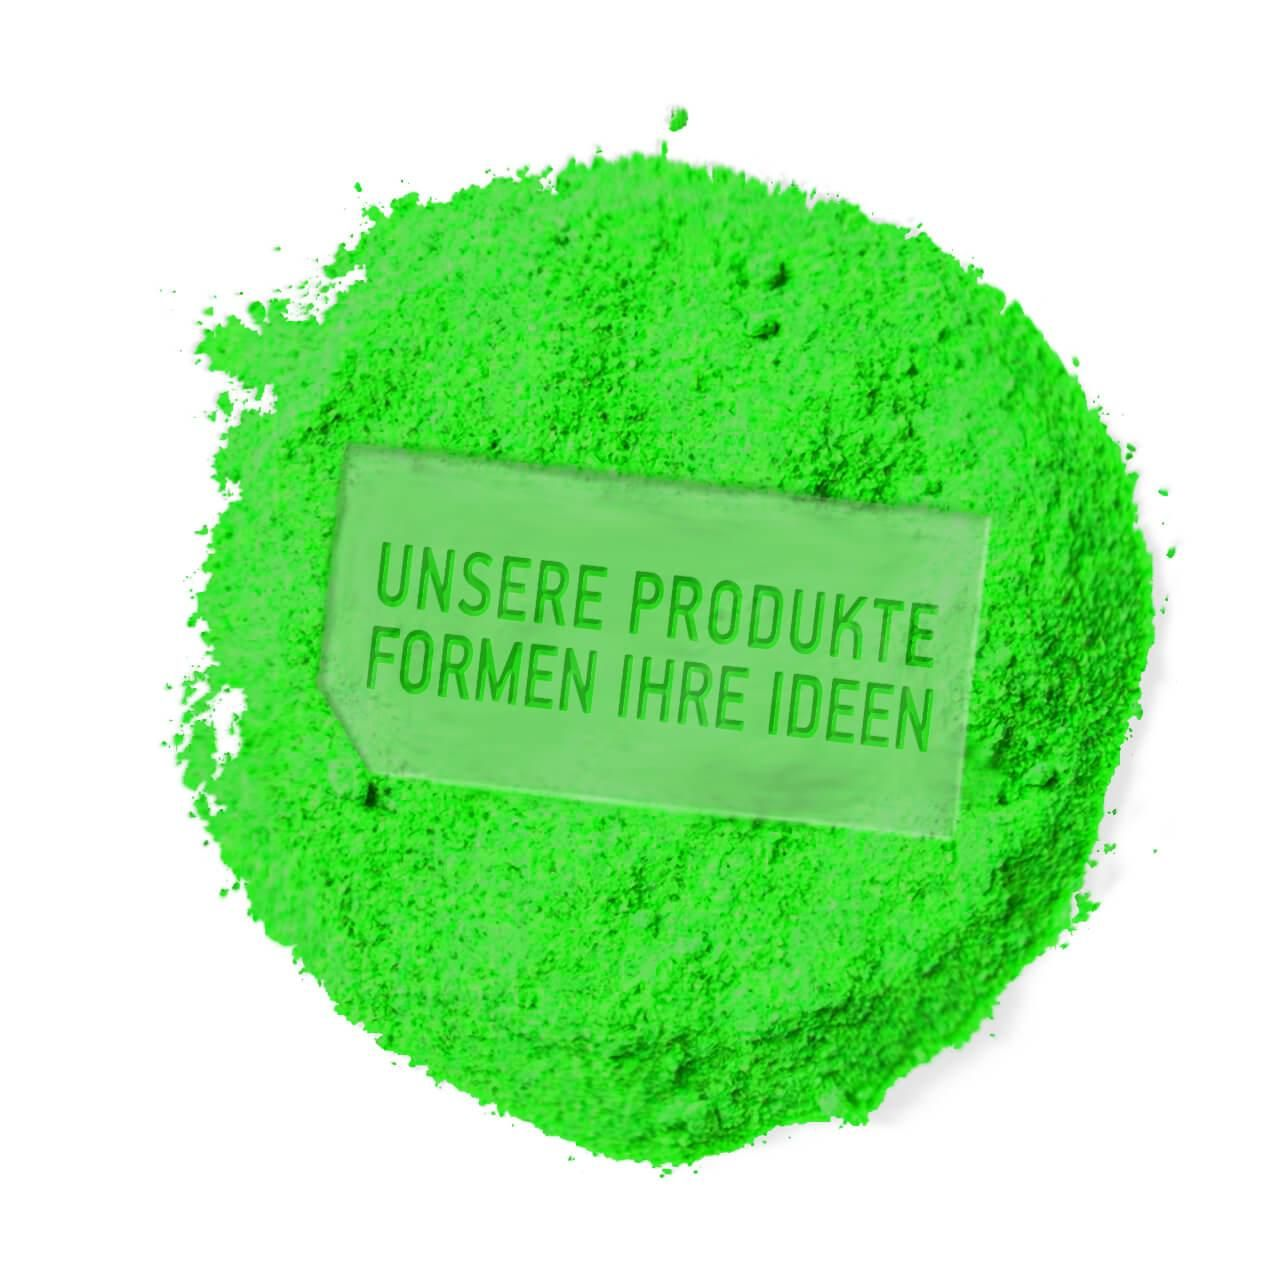 TFC Troll Factory Tagesleuchtpigmente I Fluoreszierende Pigmente für leuchtende Farben I grün